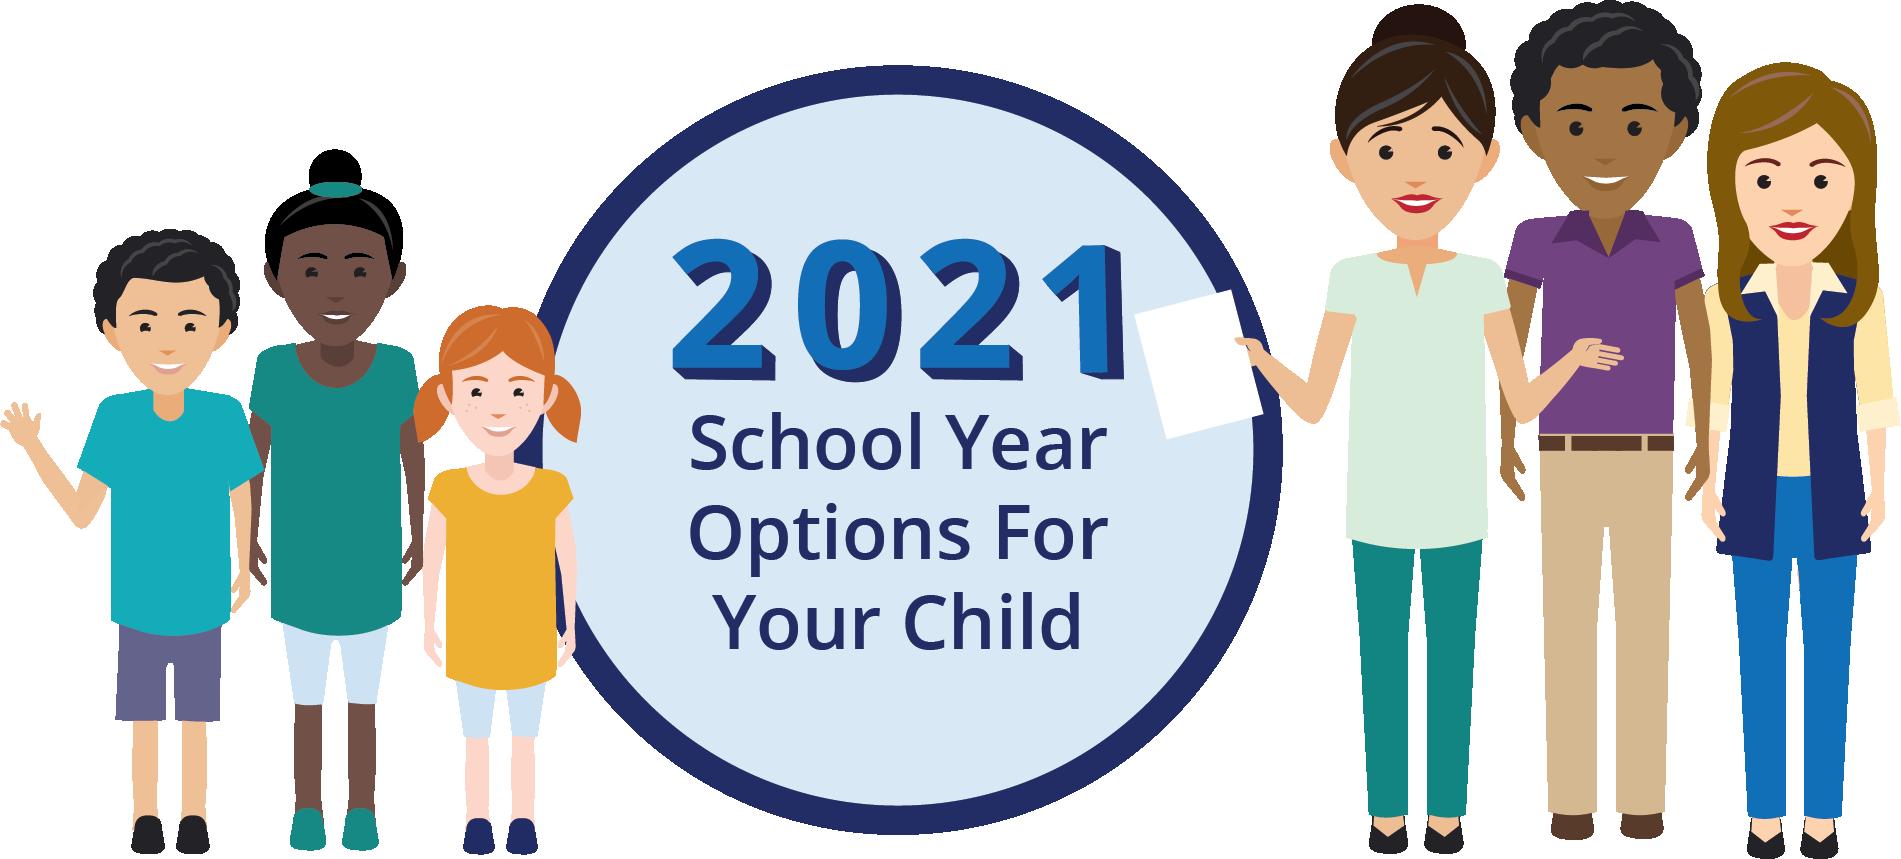 2021 Options